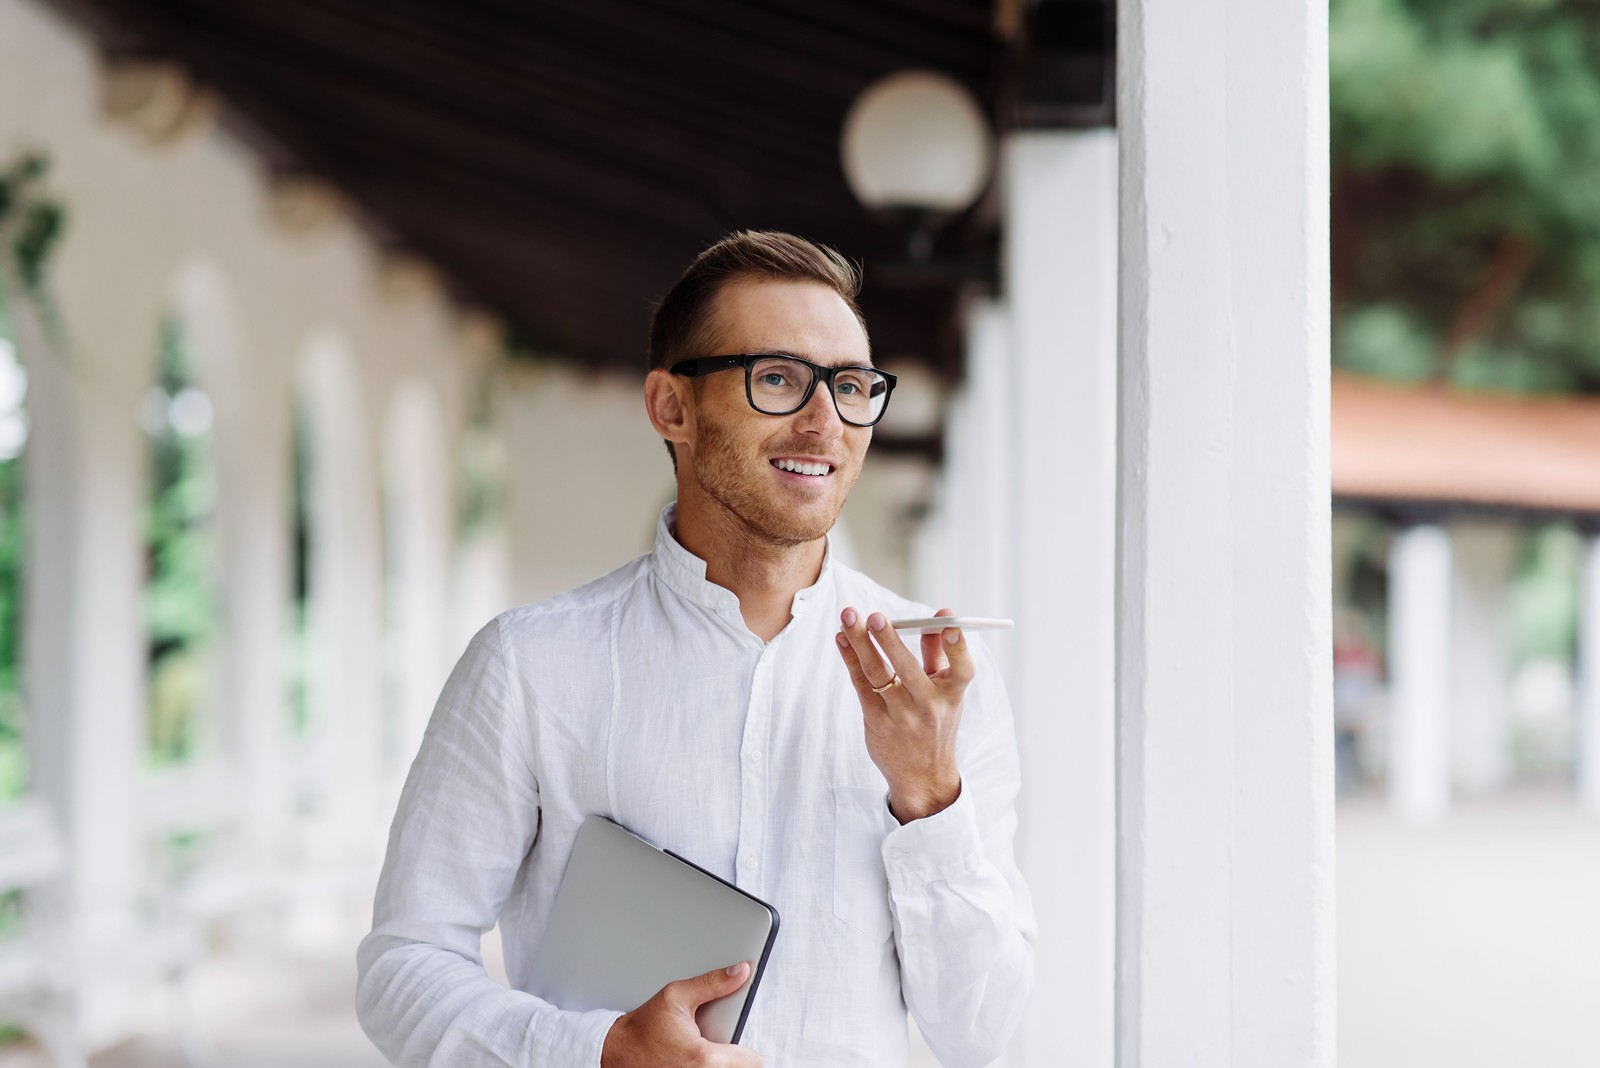 Sprachnachrichten per Messenger eignen sich vor allem zur Information der Kunden.